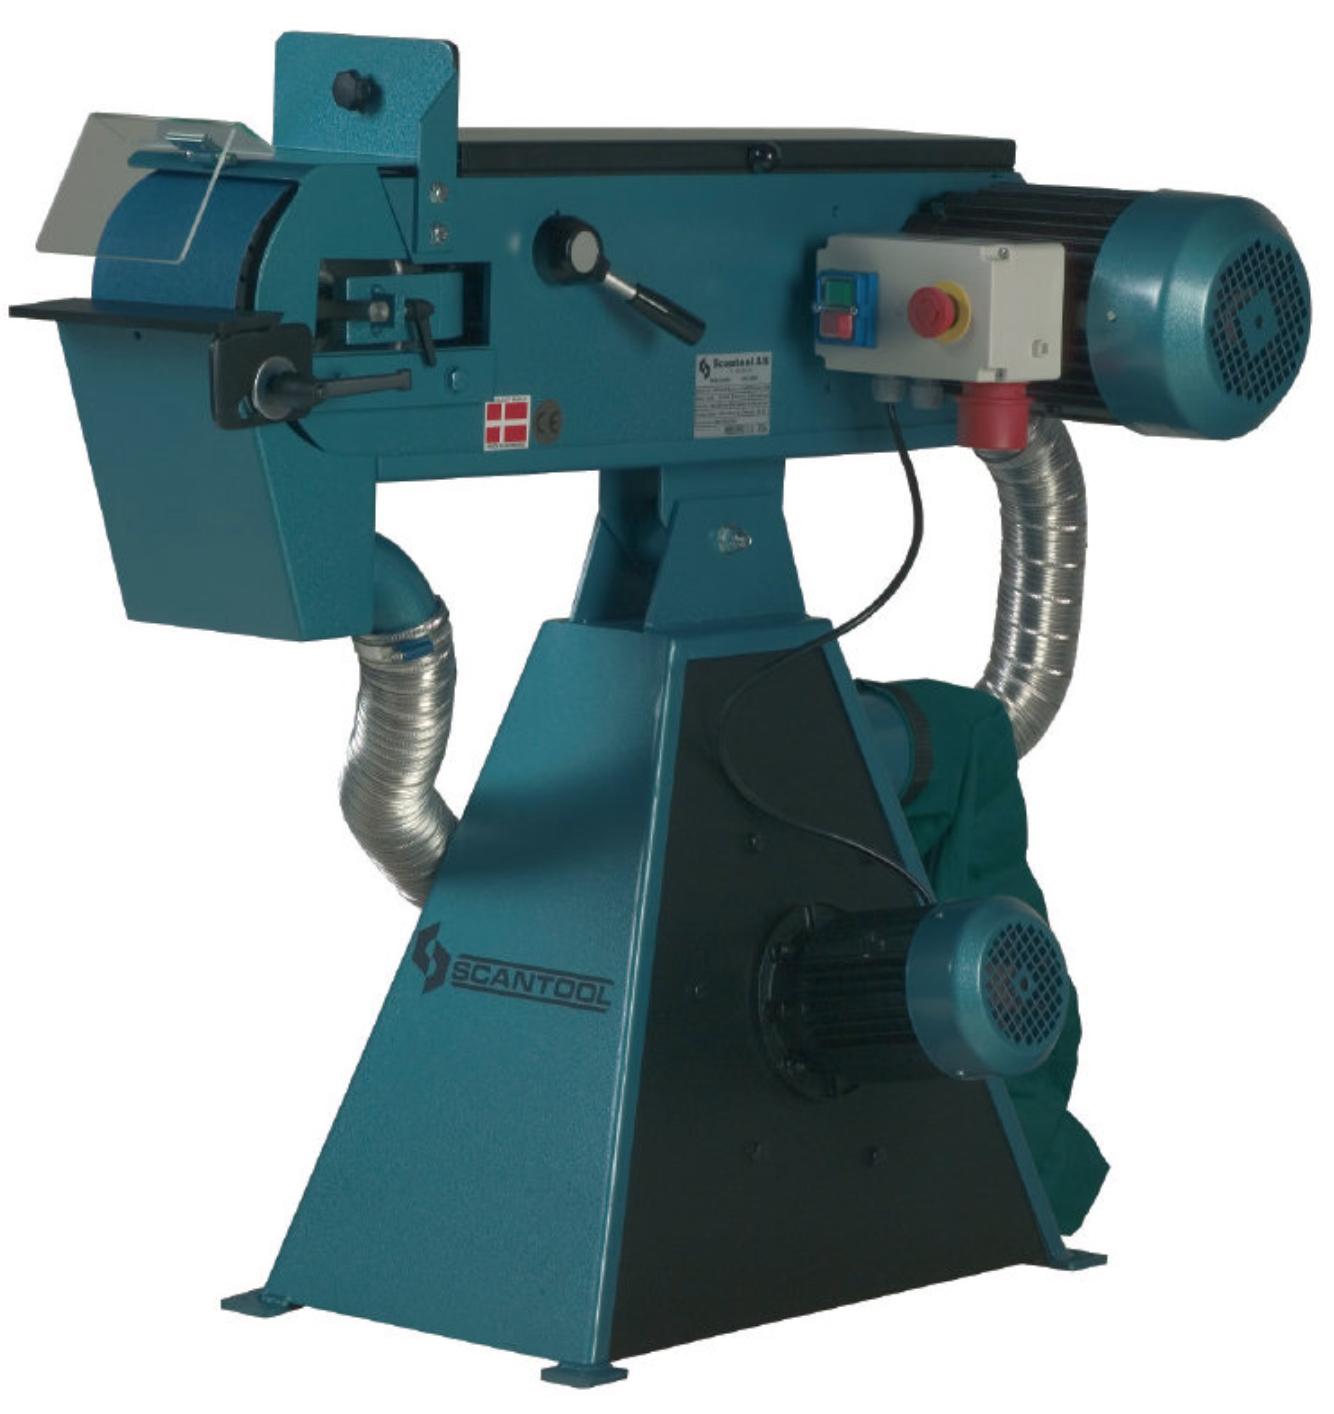 Szlifierka taśmowa Scantool 150x2000mm z wbudowanym odciągiem pyłów - 3,6 kW